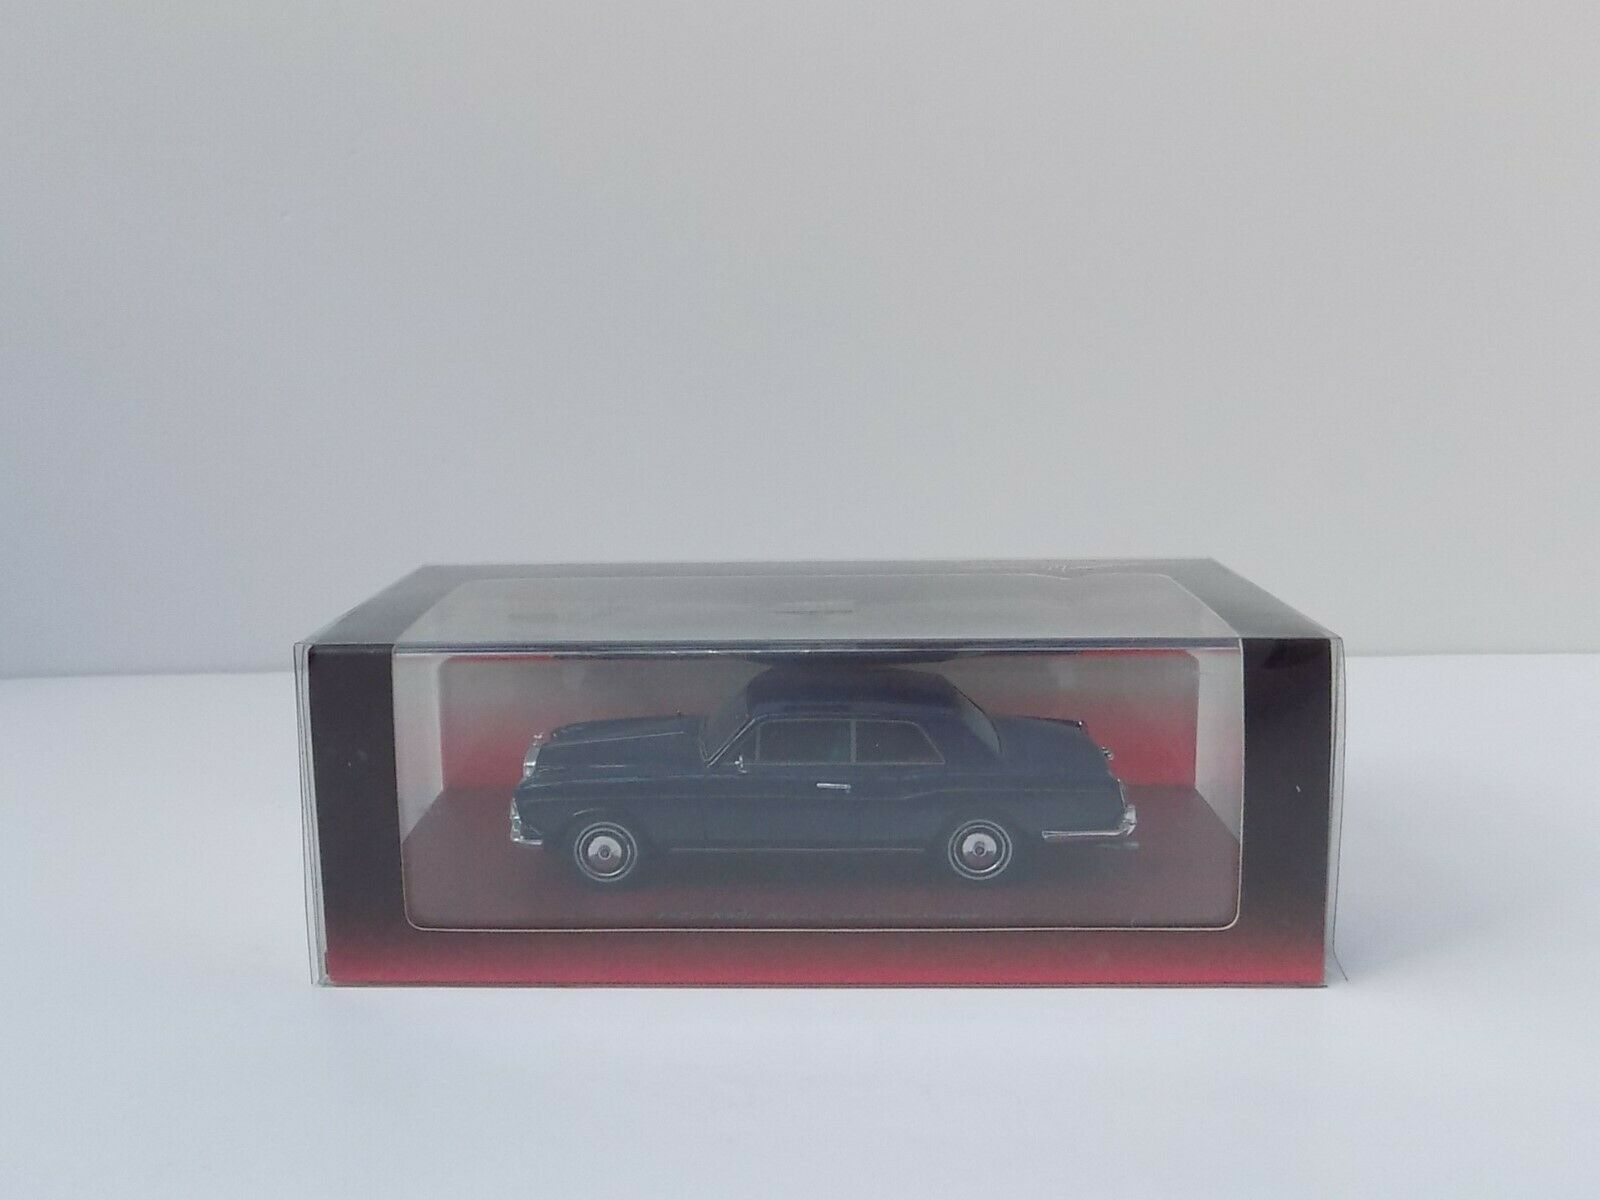 TRUE SCALE MINIATURES 1972 Rolls Royce Corniche coupé bleu Comme neuf boxed 1 43